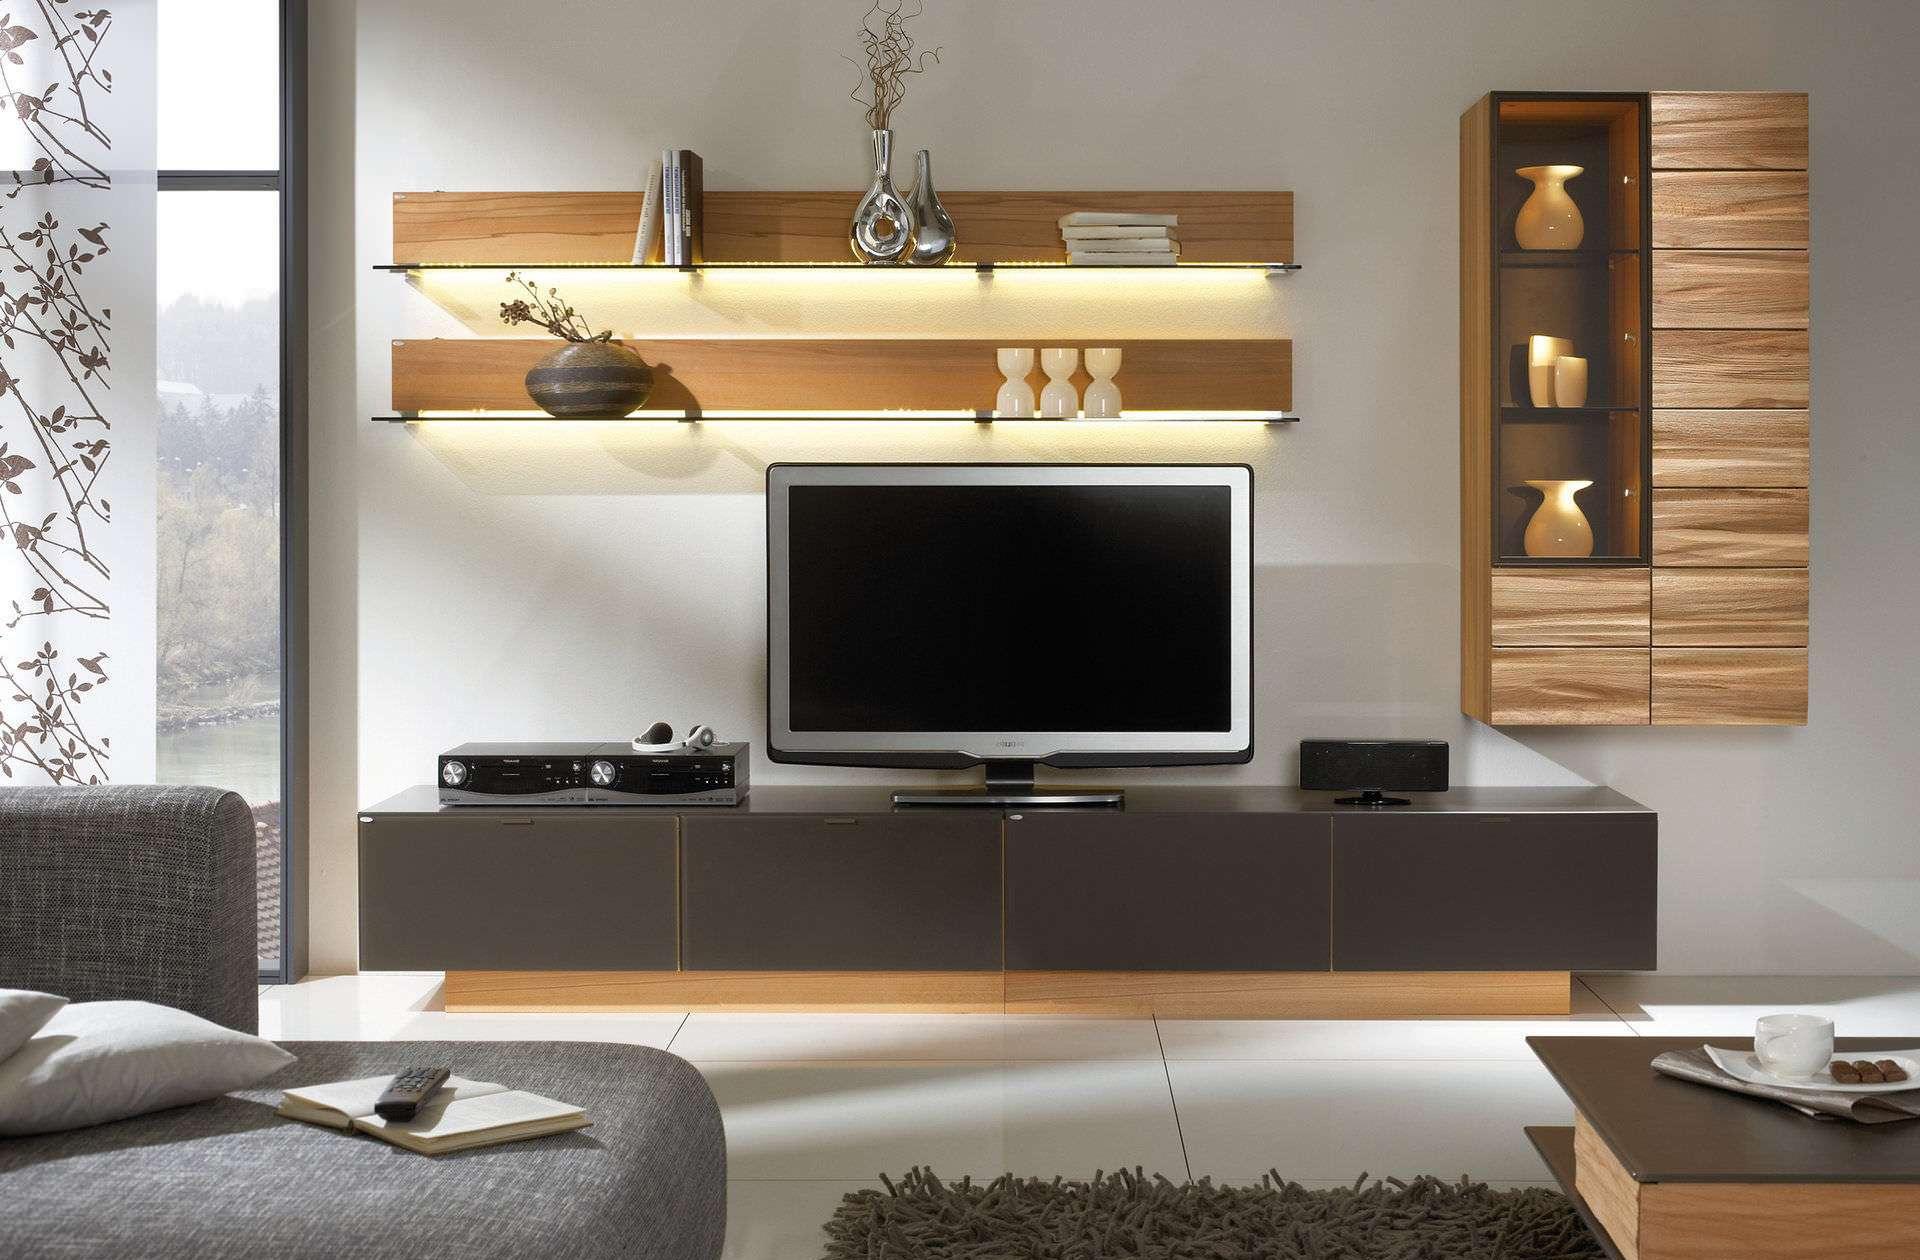 Tư vấn thiết kế nhà ở gia đình có đông thành viên với diện tích (3x10m), chi phí khoảng 670 triệu đồng - Ảnh 7.